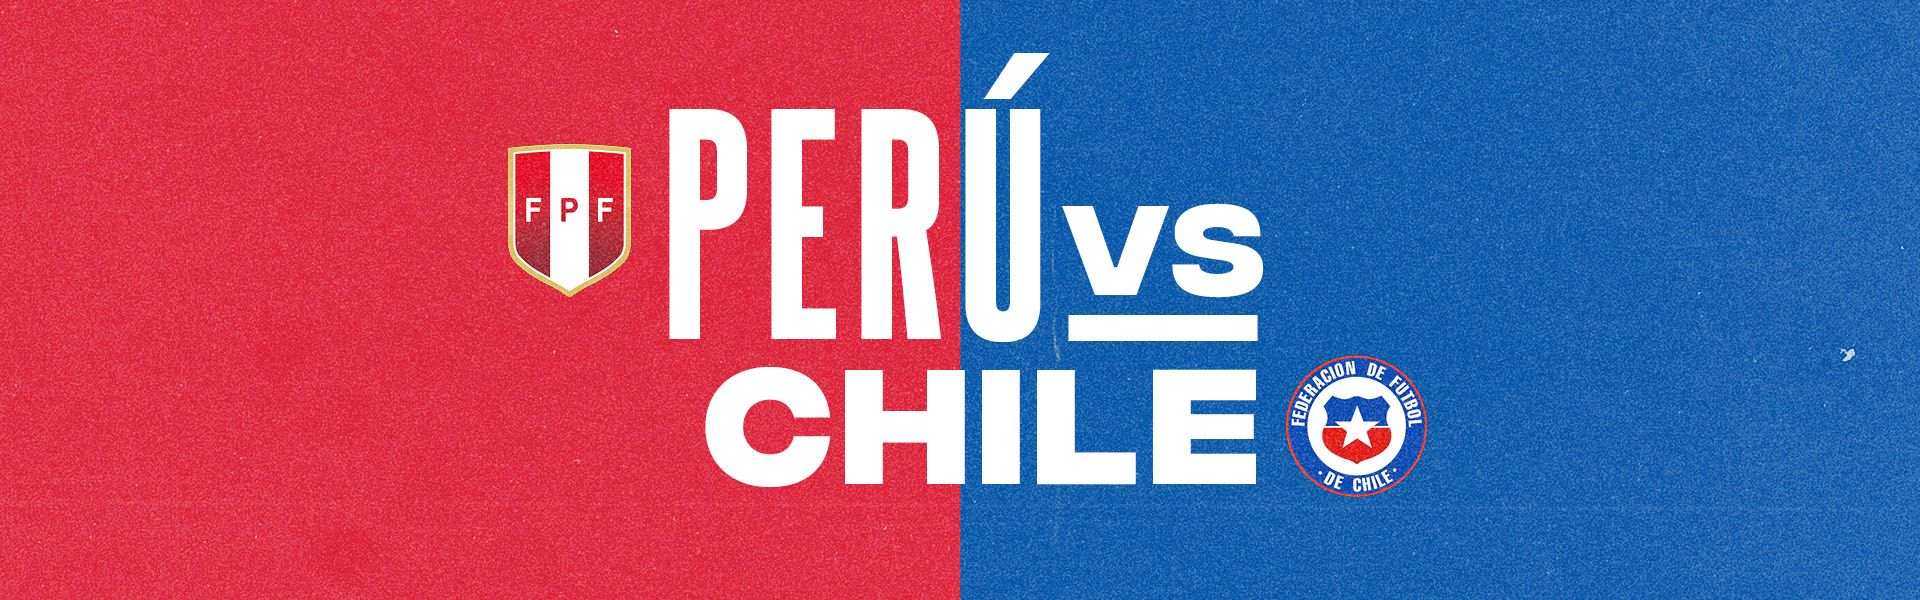 CPR1029_Peru v. Chile Hosting Jpeg and RSVP Link2